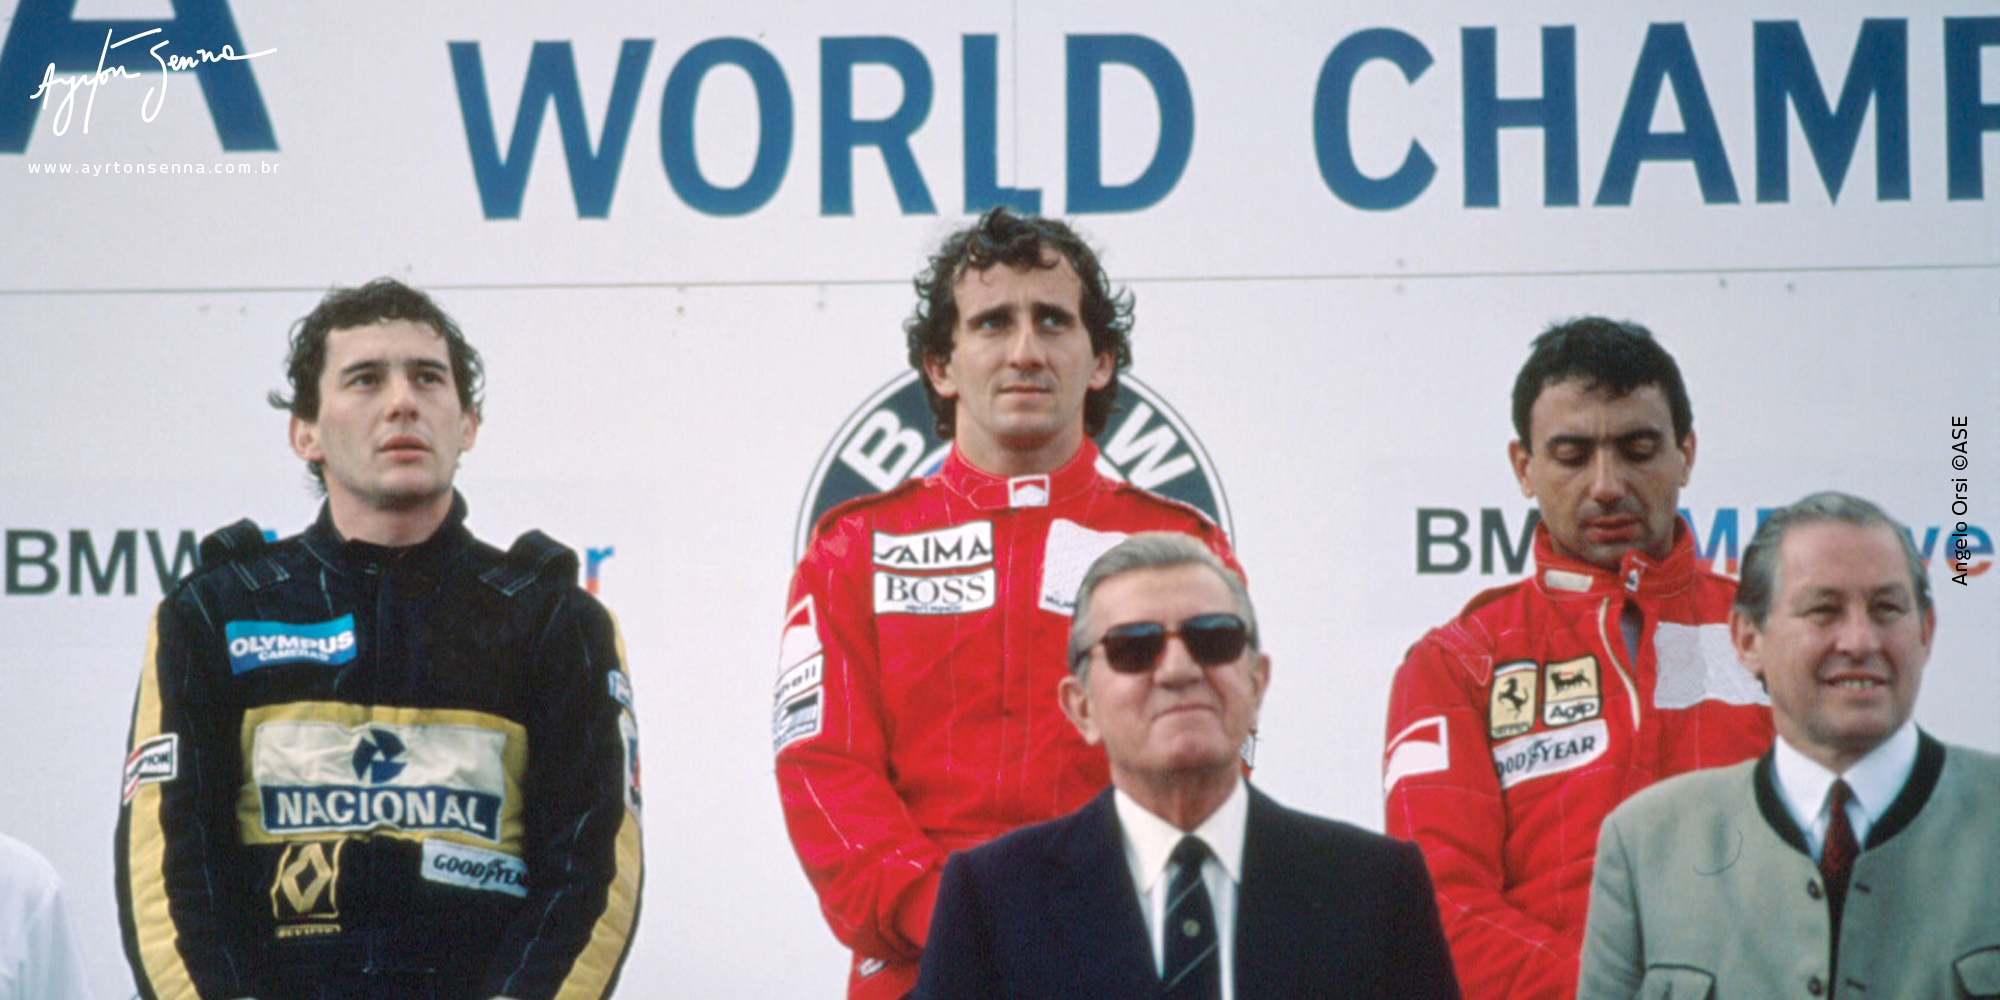 49de6b48ed Senna e Lotus  vitórias e pódios inesquecíveis - Ayrton Senna